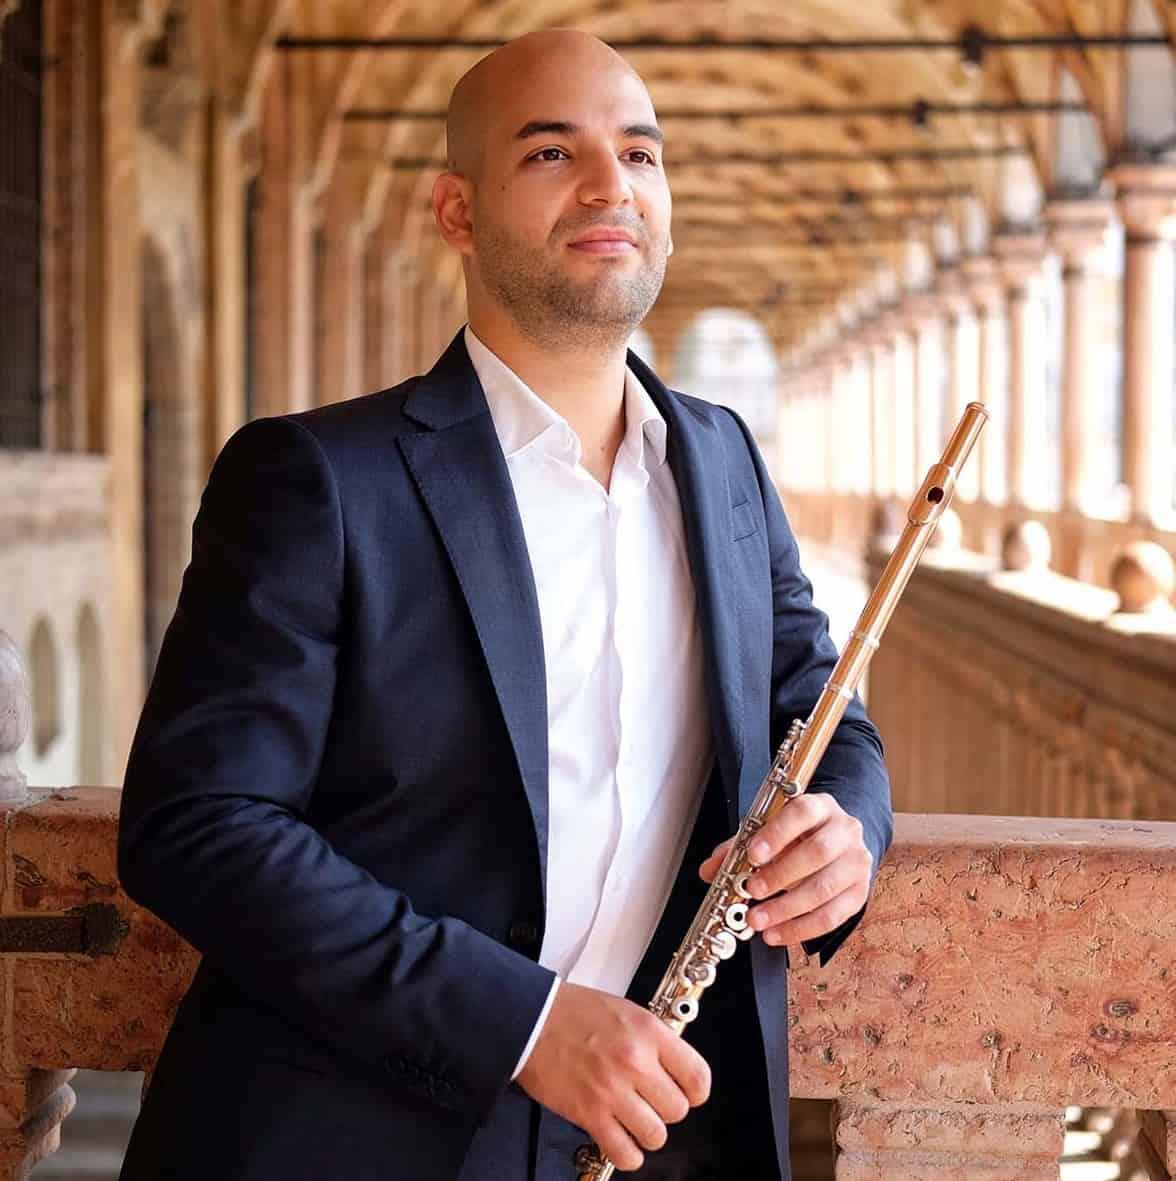 Soloflötist Elya Levin mit Instrument